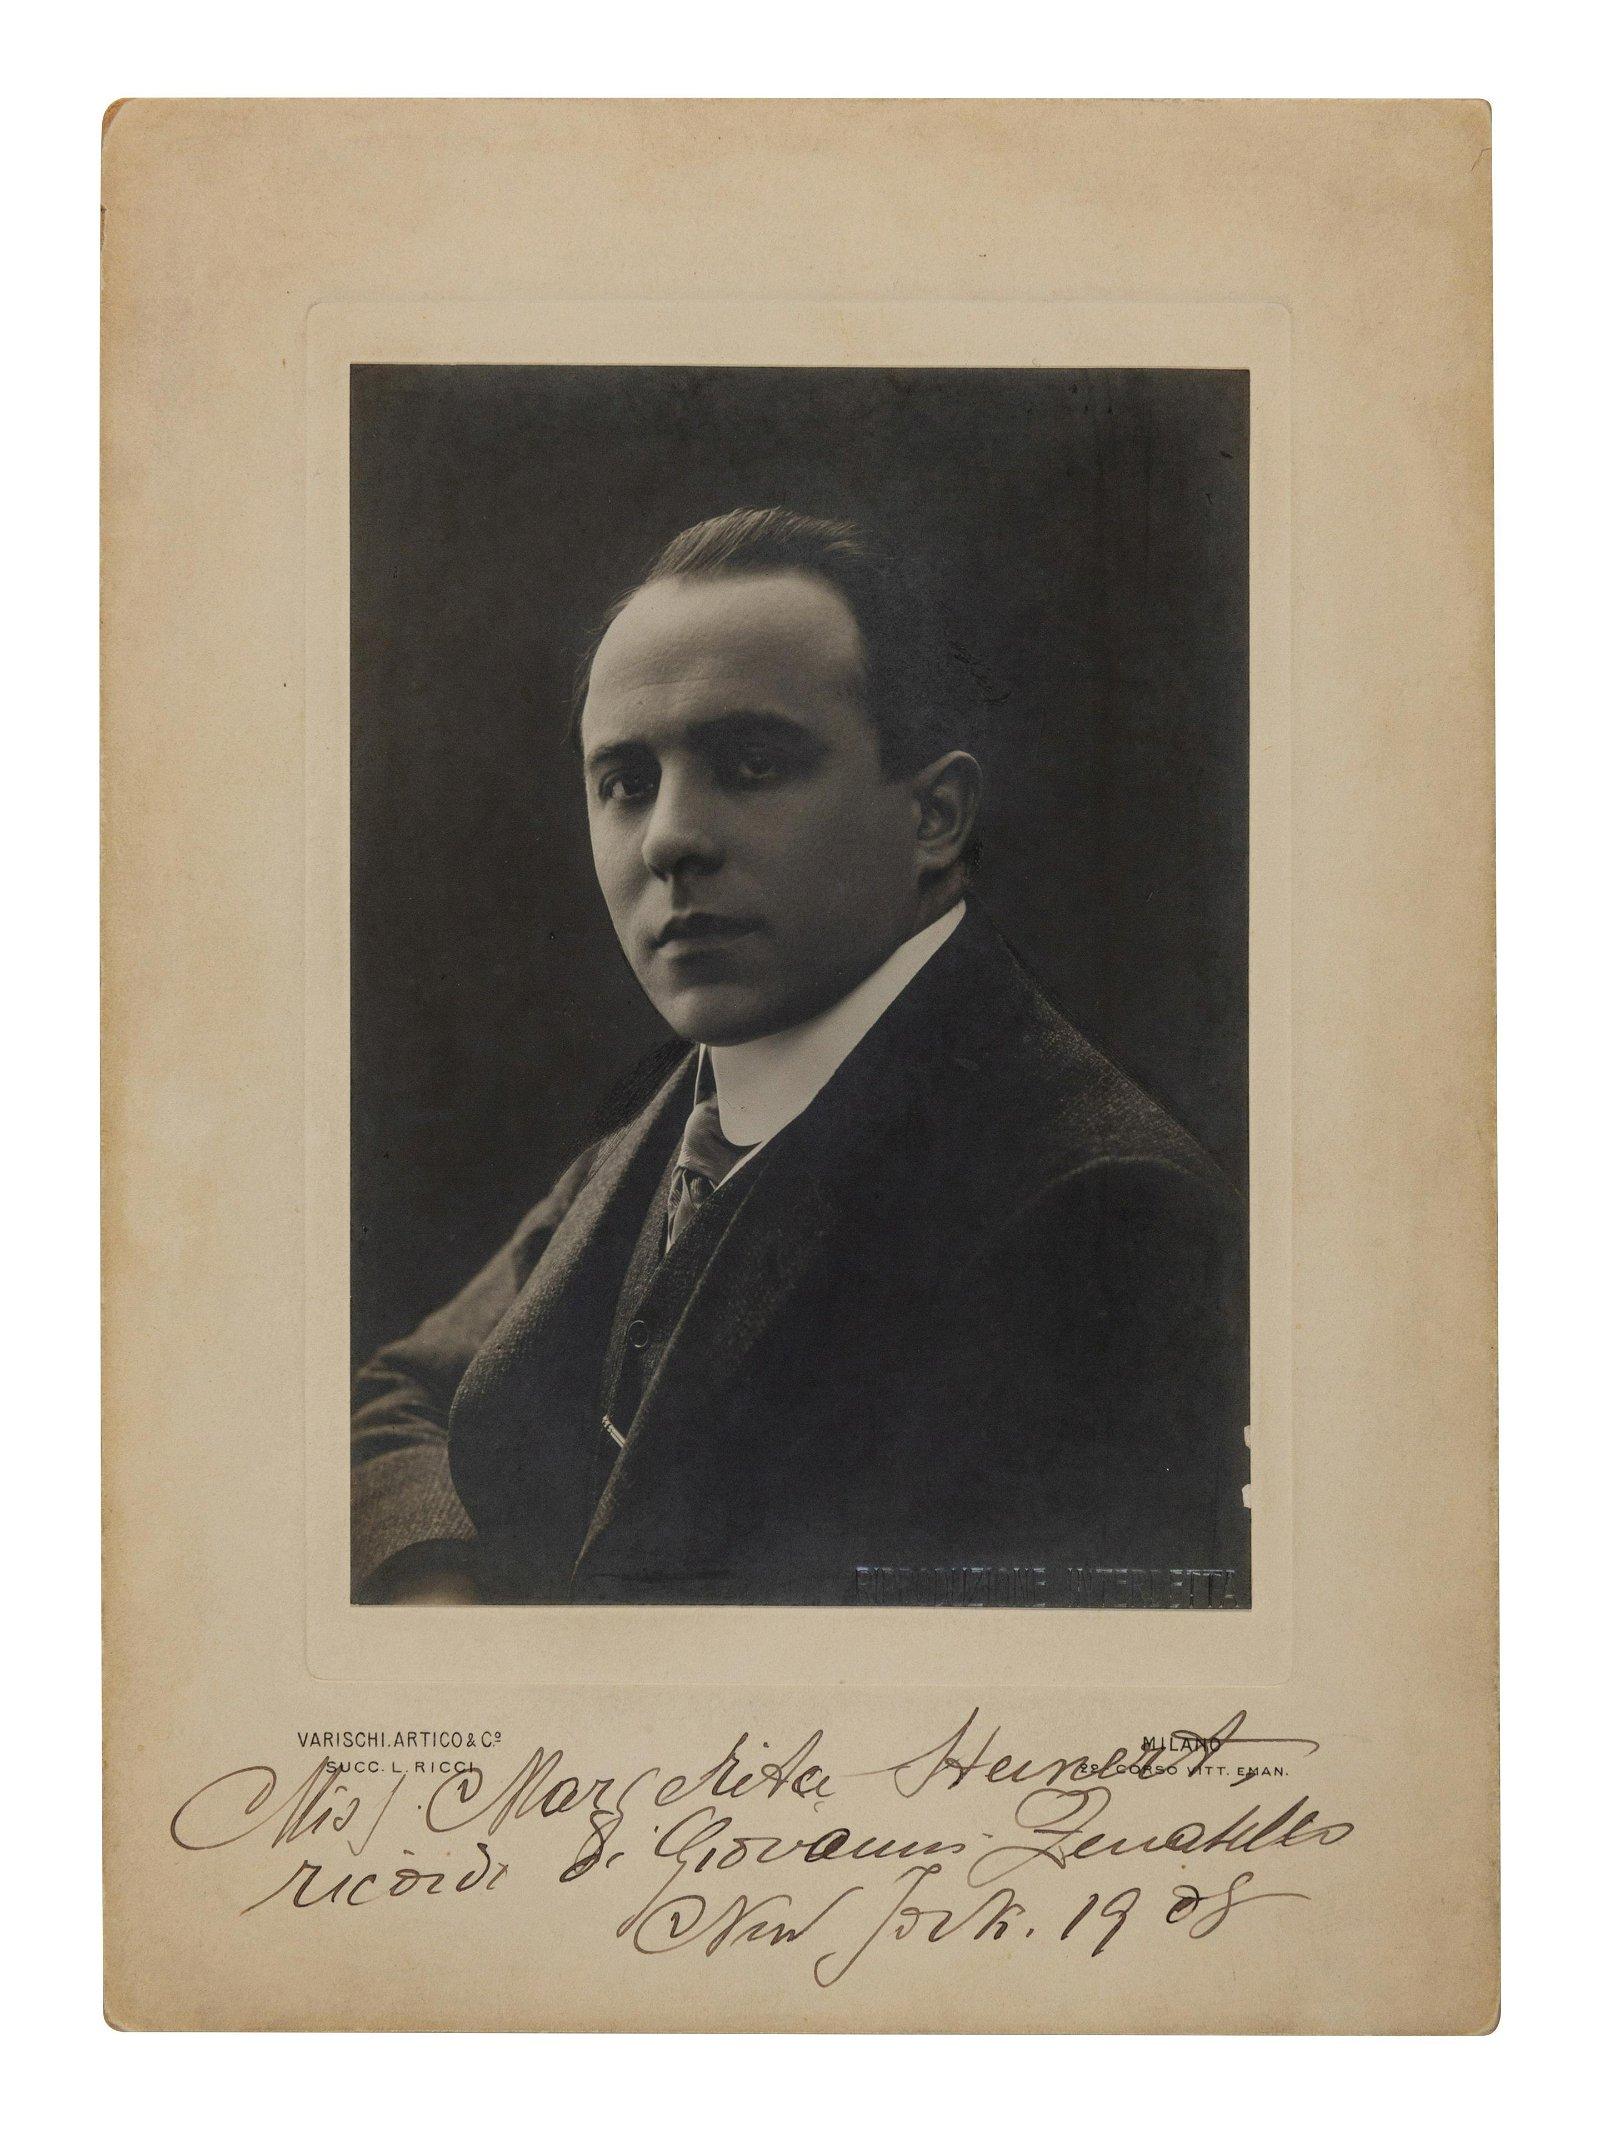 Giovanni Zenatello (1876-1949)